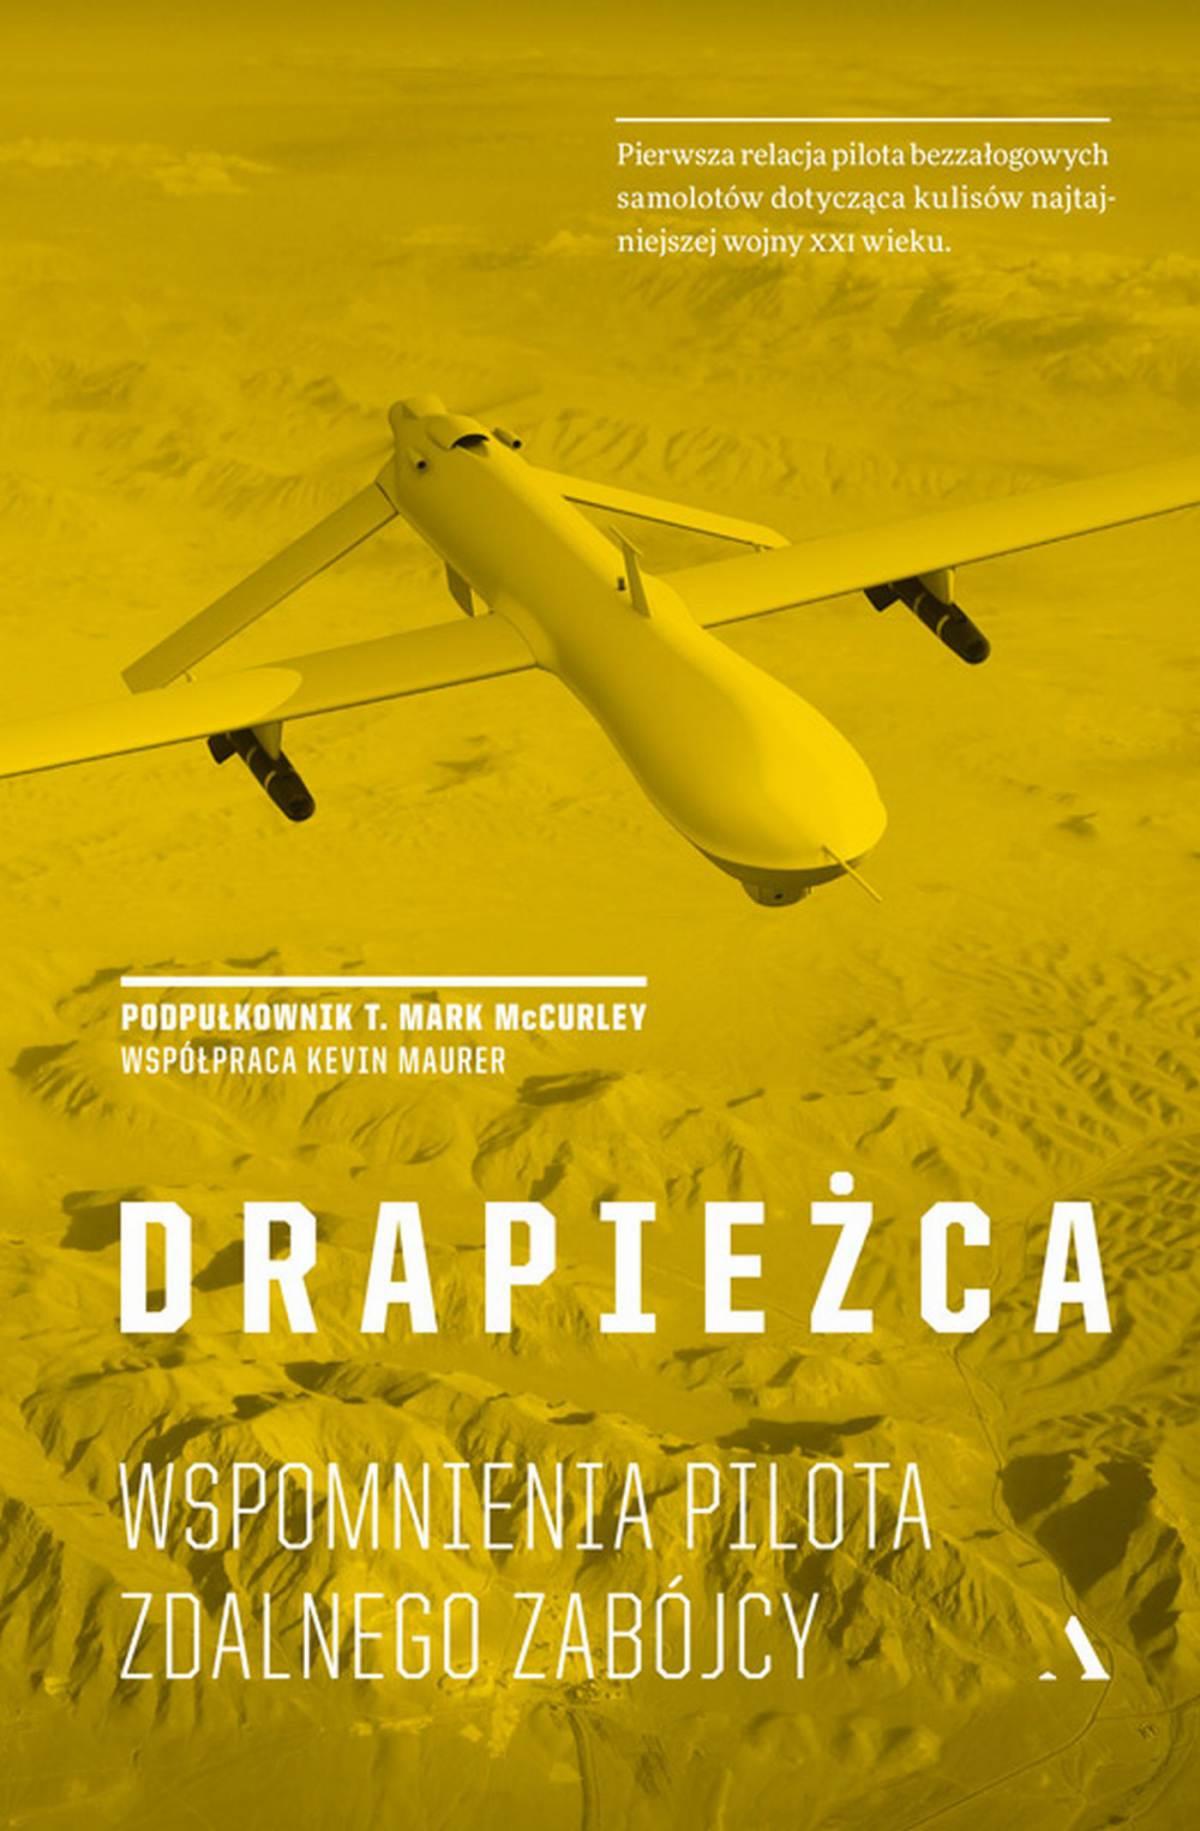 Drapieżca. Wspomnienia pilota zdalnego zabójcy - Ebook (Książka EPUB) do pobrania w formacie EPUB